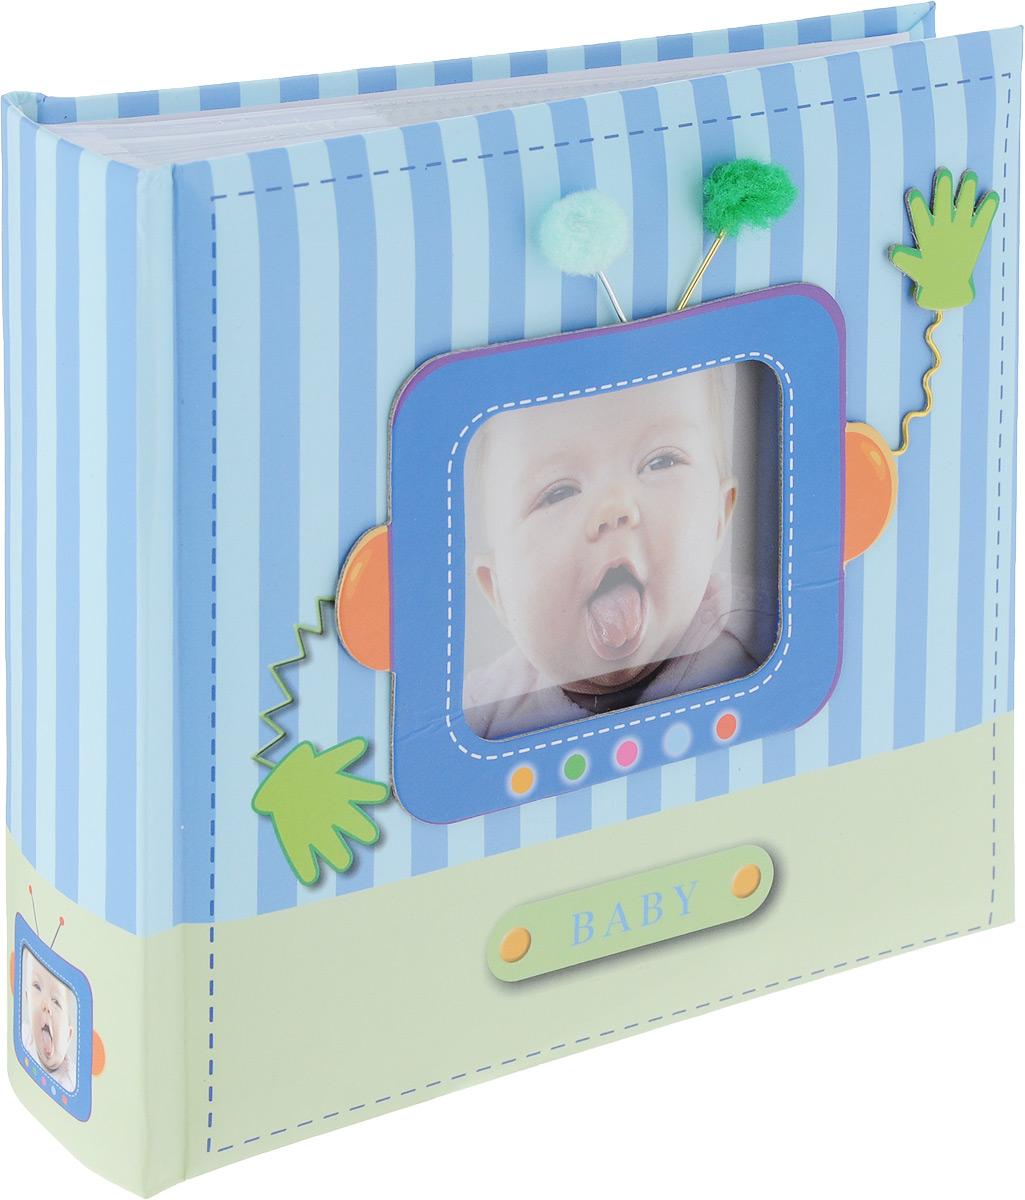 Фотоальбом  Image Art -100 10x15 (BBM46100/1) серия 038 детский, цвет: голубой фотоальбом image art ia 100